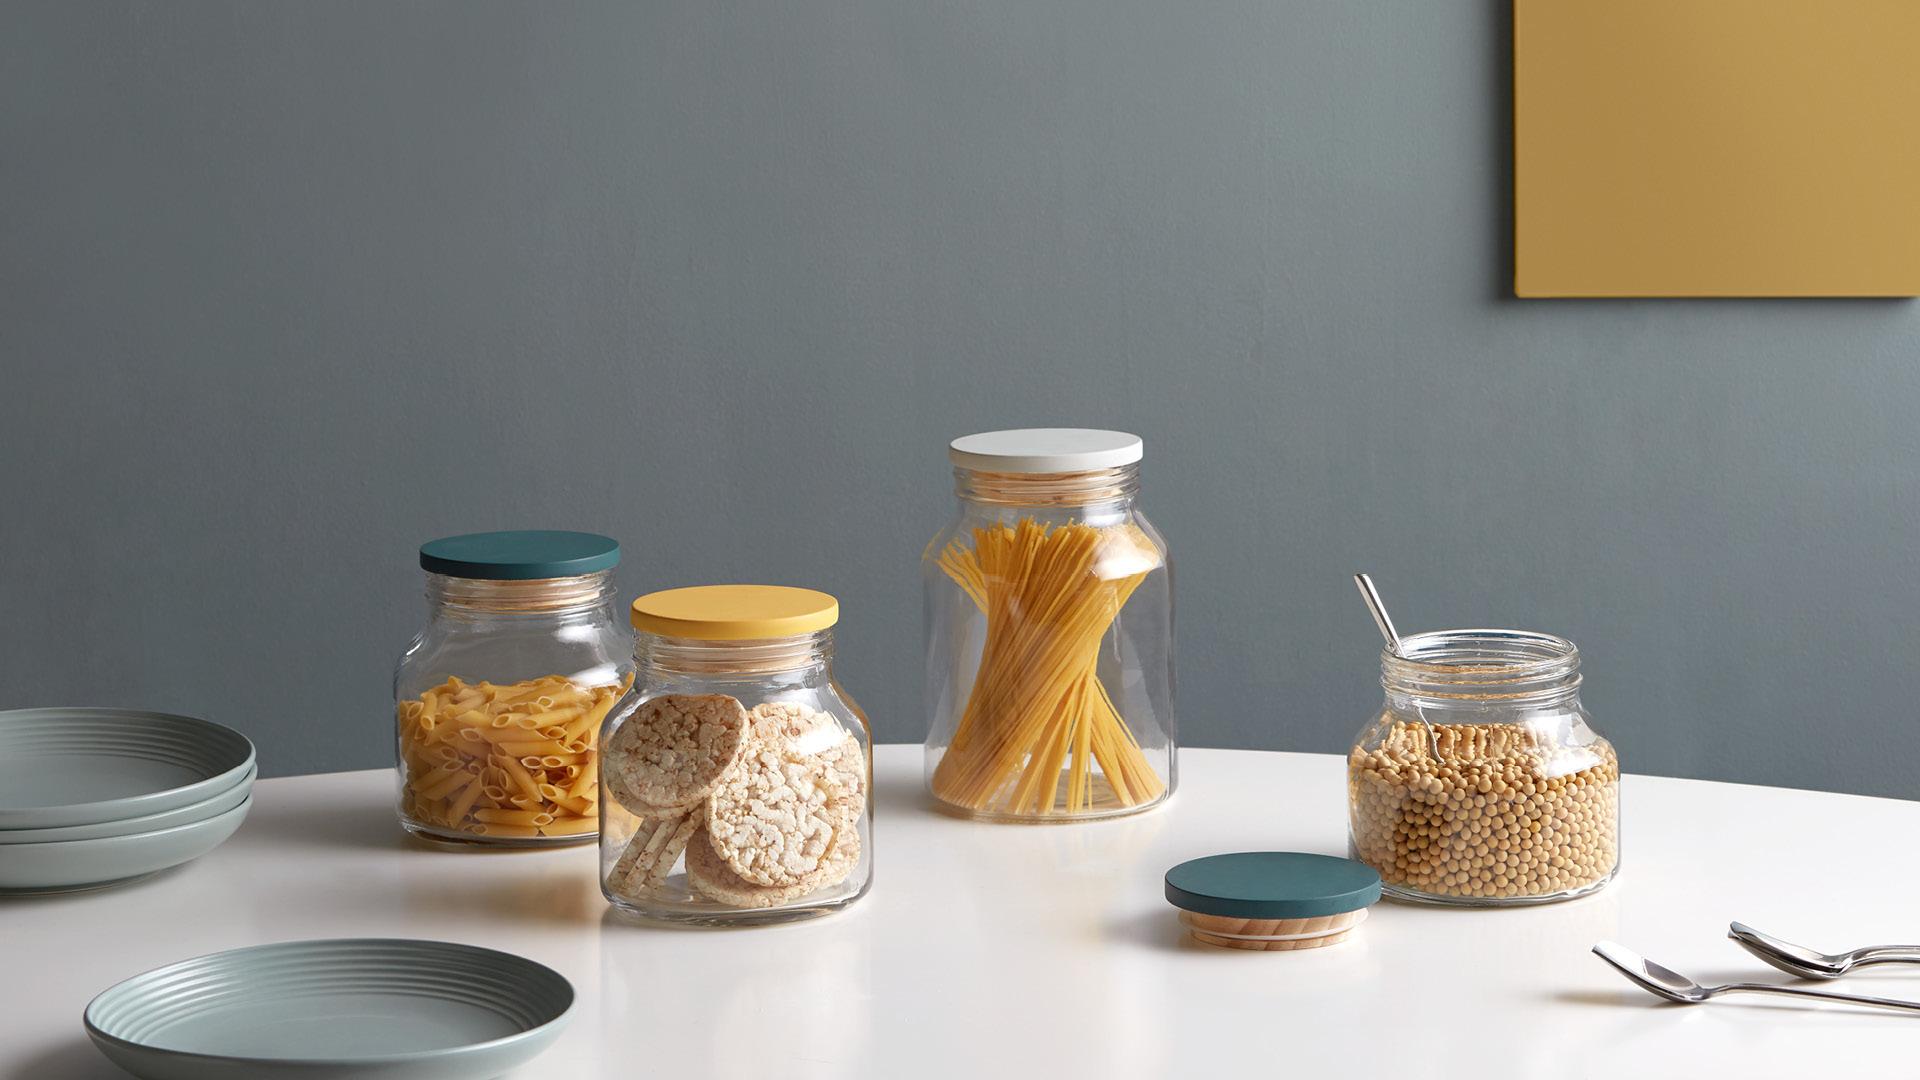 呈现食物原色,透明储物新风尚